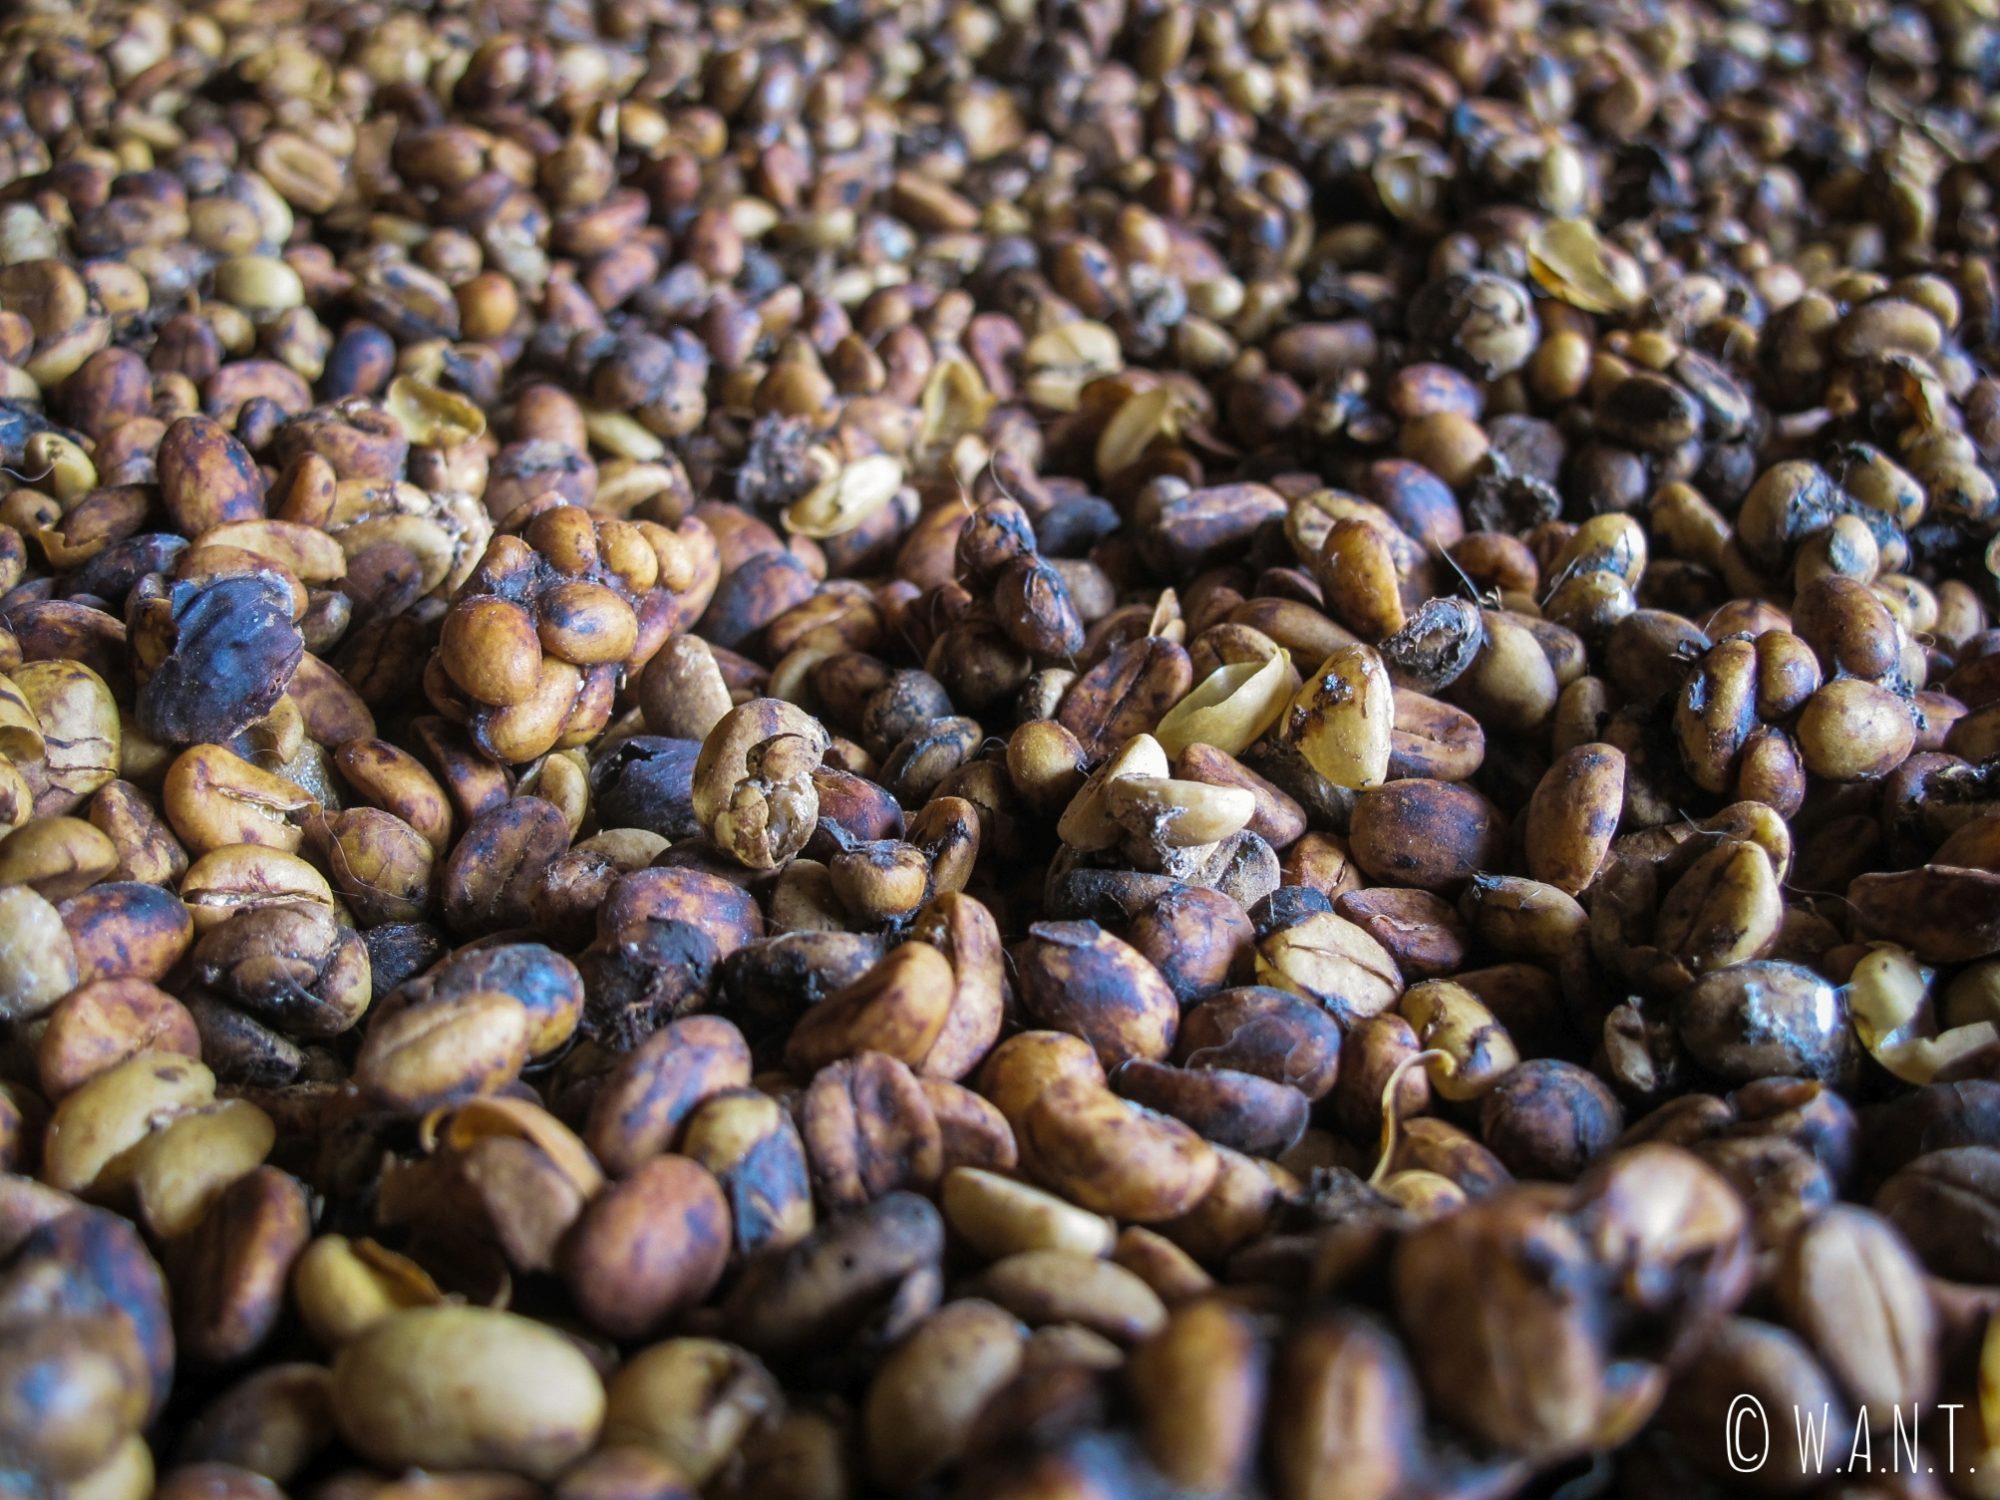 Grains de café récoltés dans les excréments des civettes pour fabriquer le Café Luwak